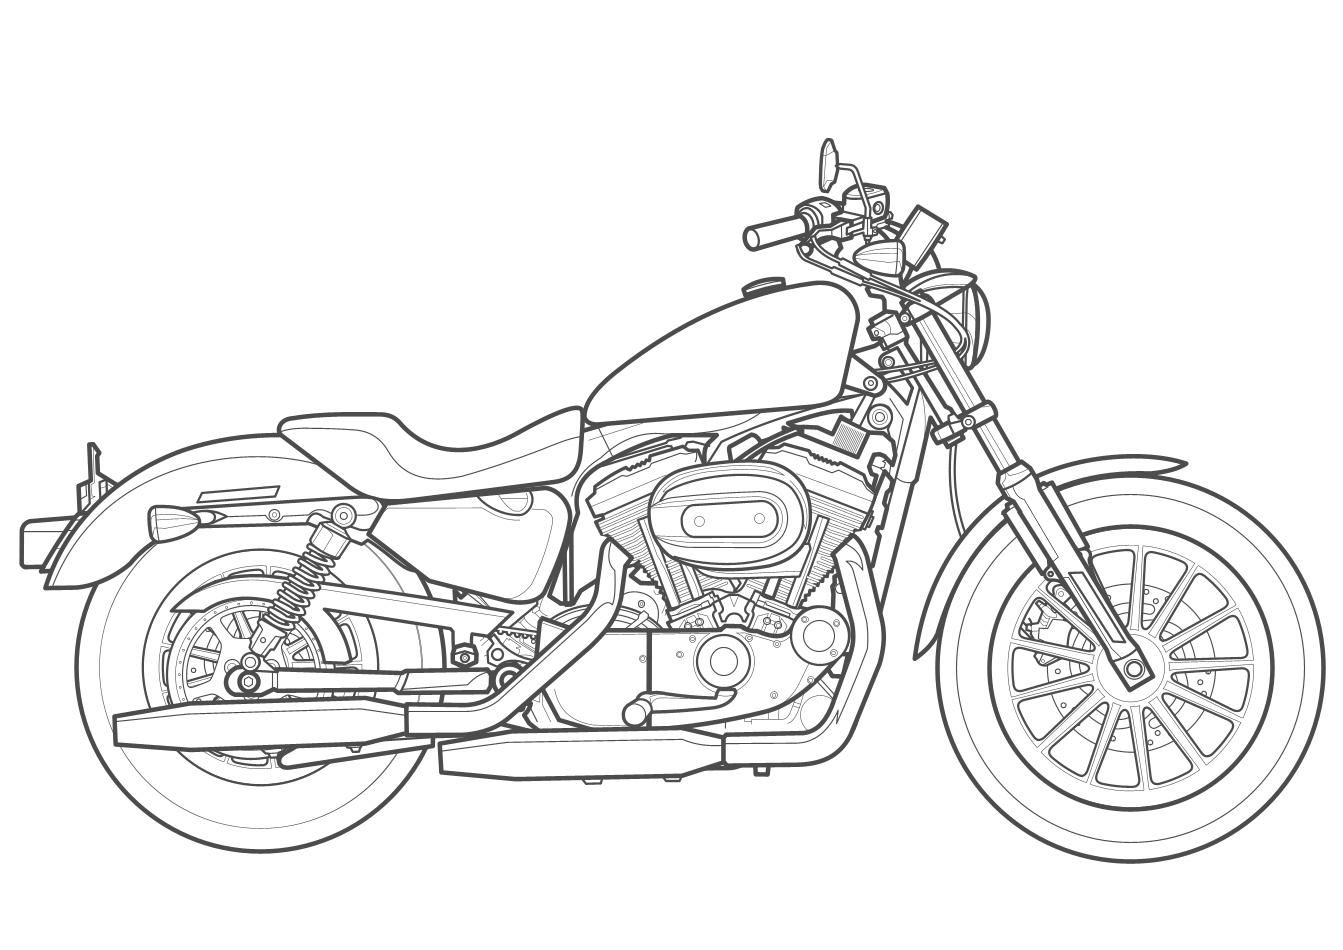 1343x950 Drawn Motorcycle Harley Davidson